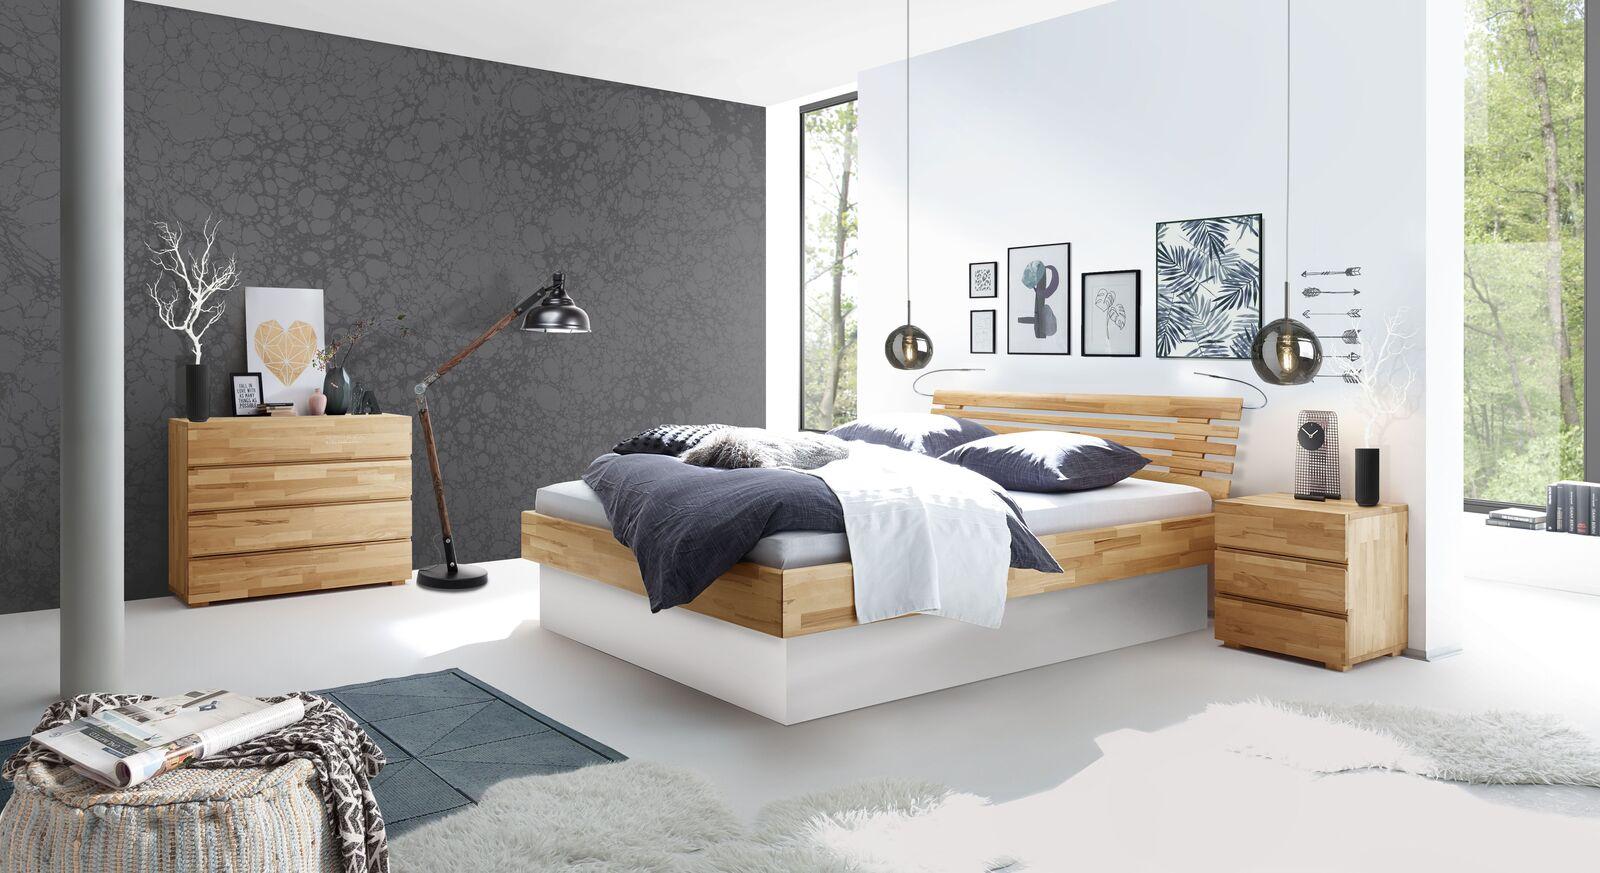 Bett Grosseto mit passender Schlafzimmer-Einrichtung